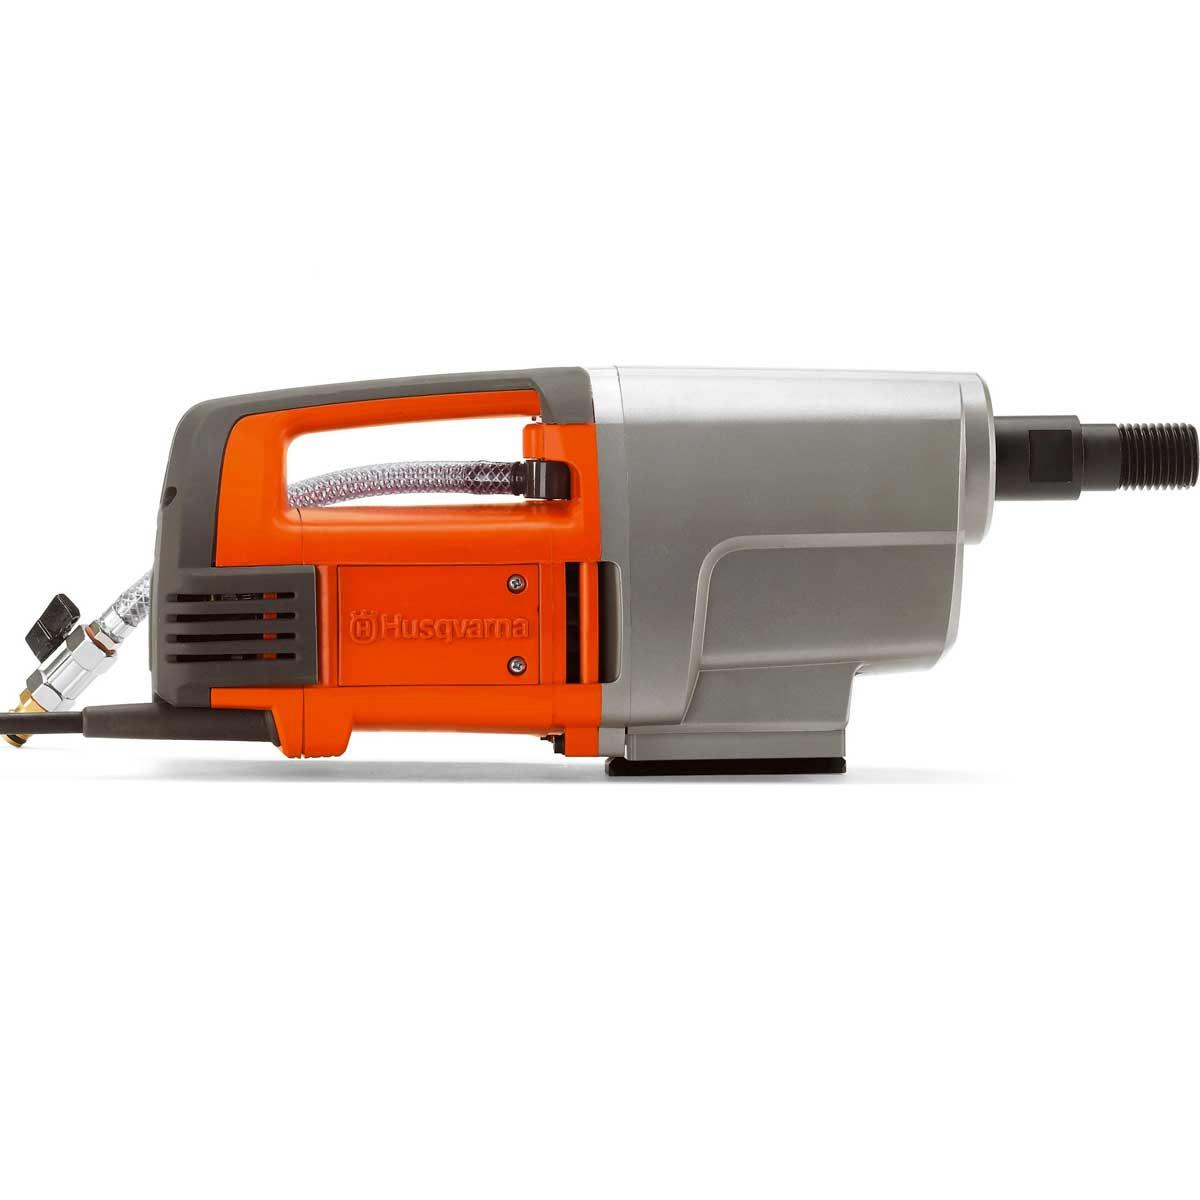 Husqvarna DM280 motor drill